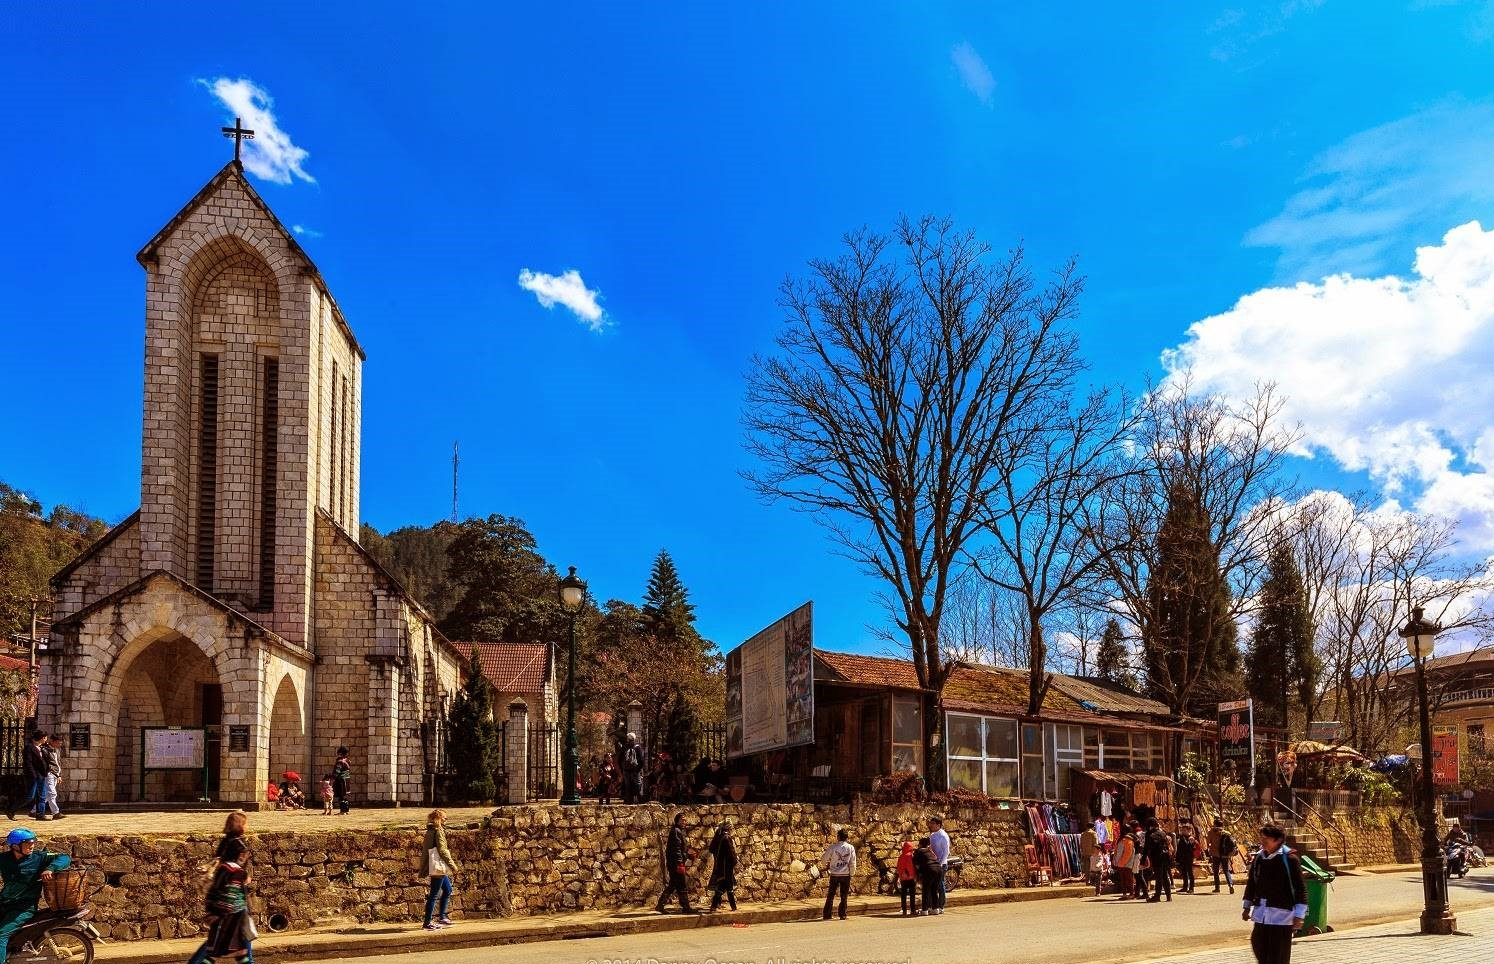 Nhà thờ đá - biểu tượng của thị trấn Sapa